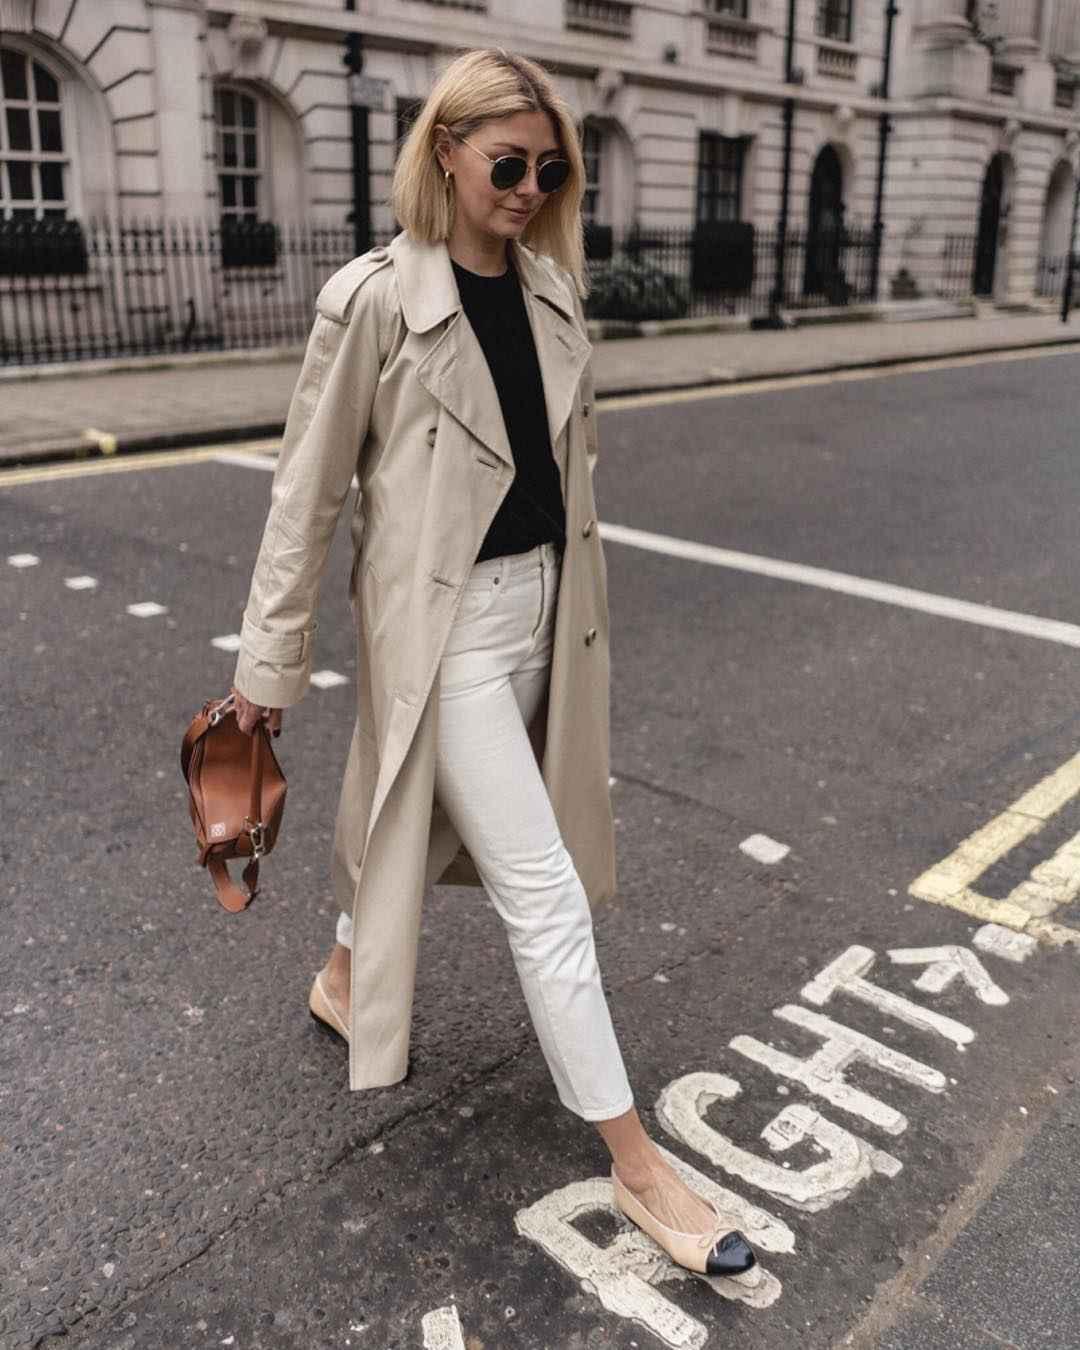 Модный офисный стиль 2019-2020 с брюками фото идеи_21